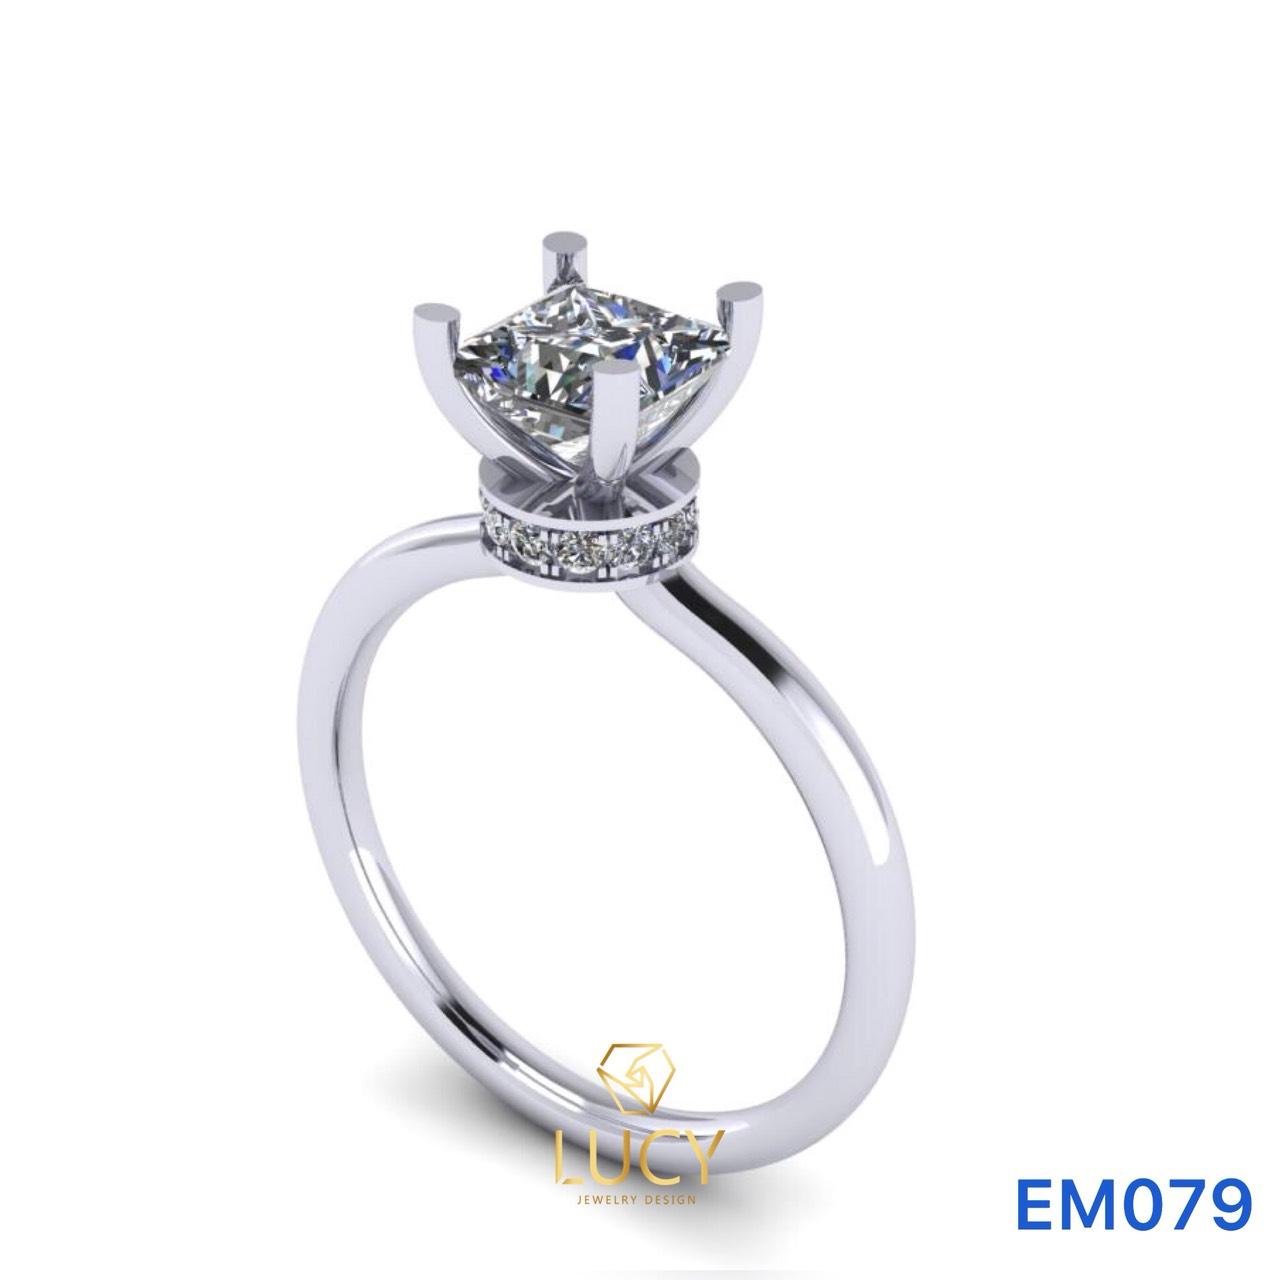 EM079 Nhẫn nữ vàng, nhẫn ổ kim cương vuông 5mm, nhẫn nữ thiết kế, nhẫn cầu hôn, nhẫn đính hôn - Lucy Jewelry